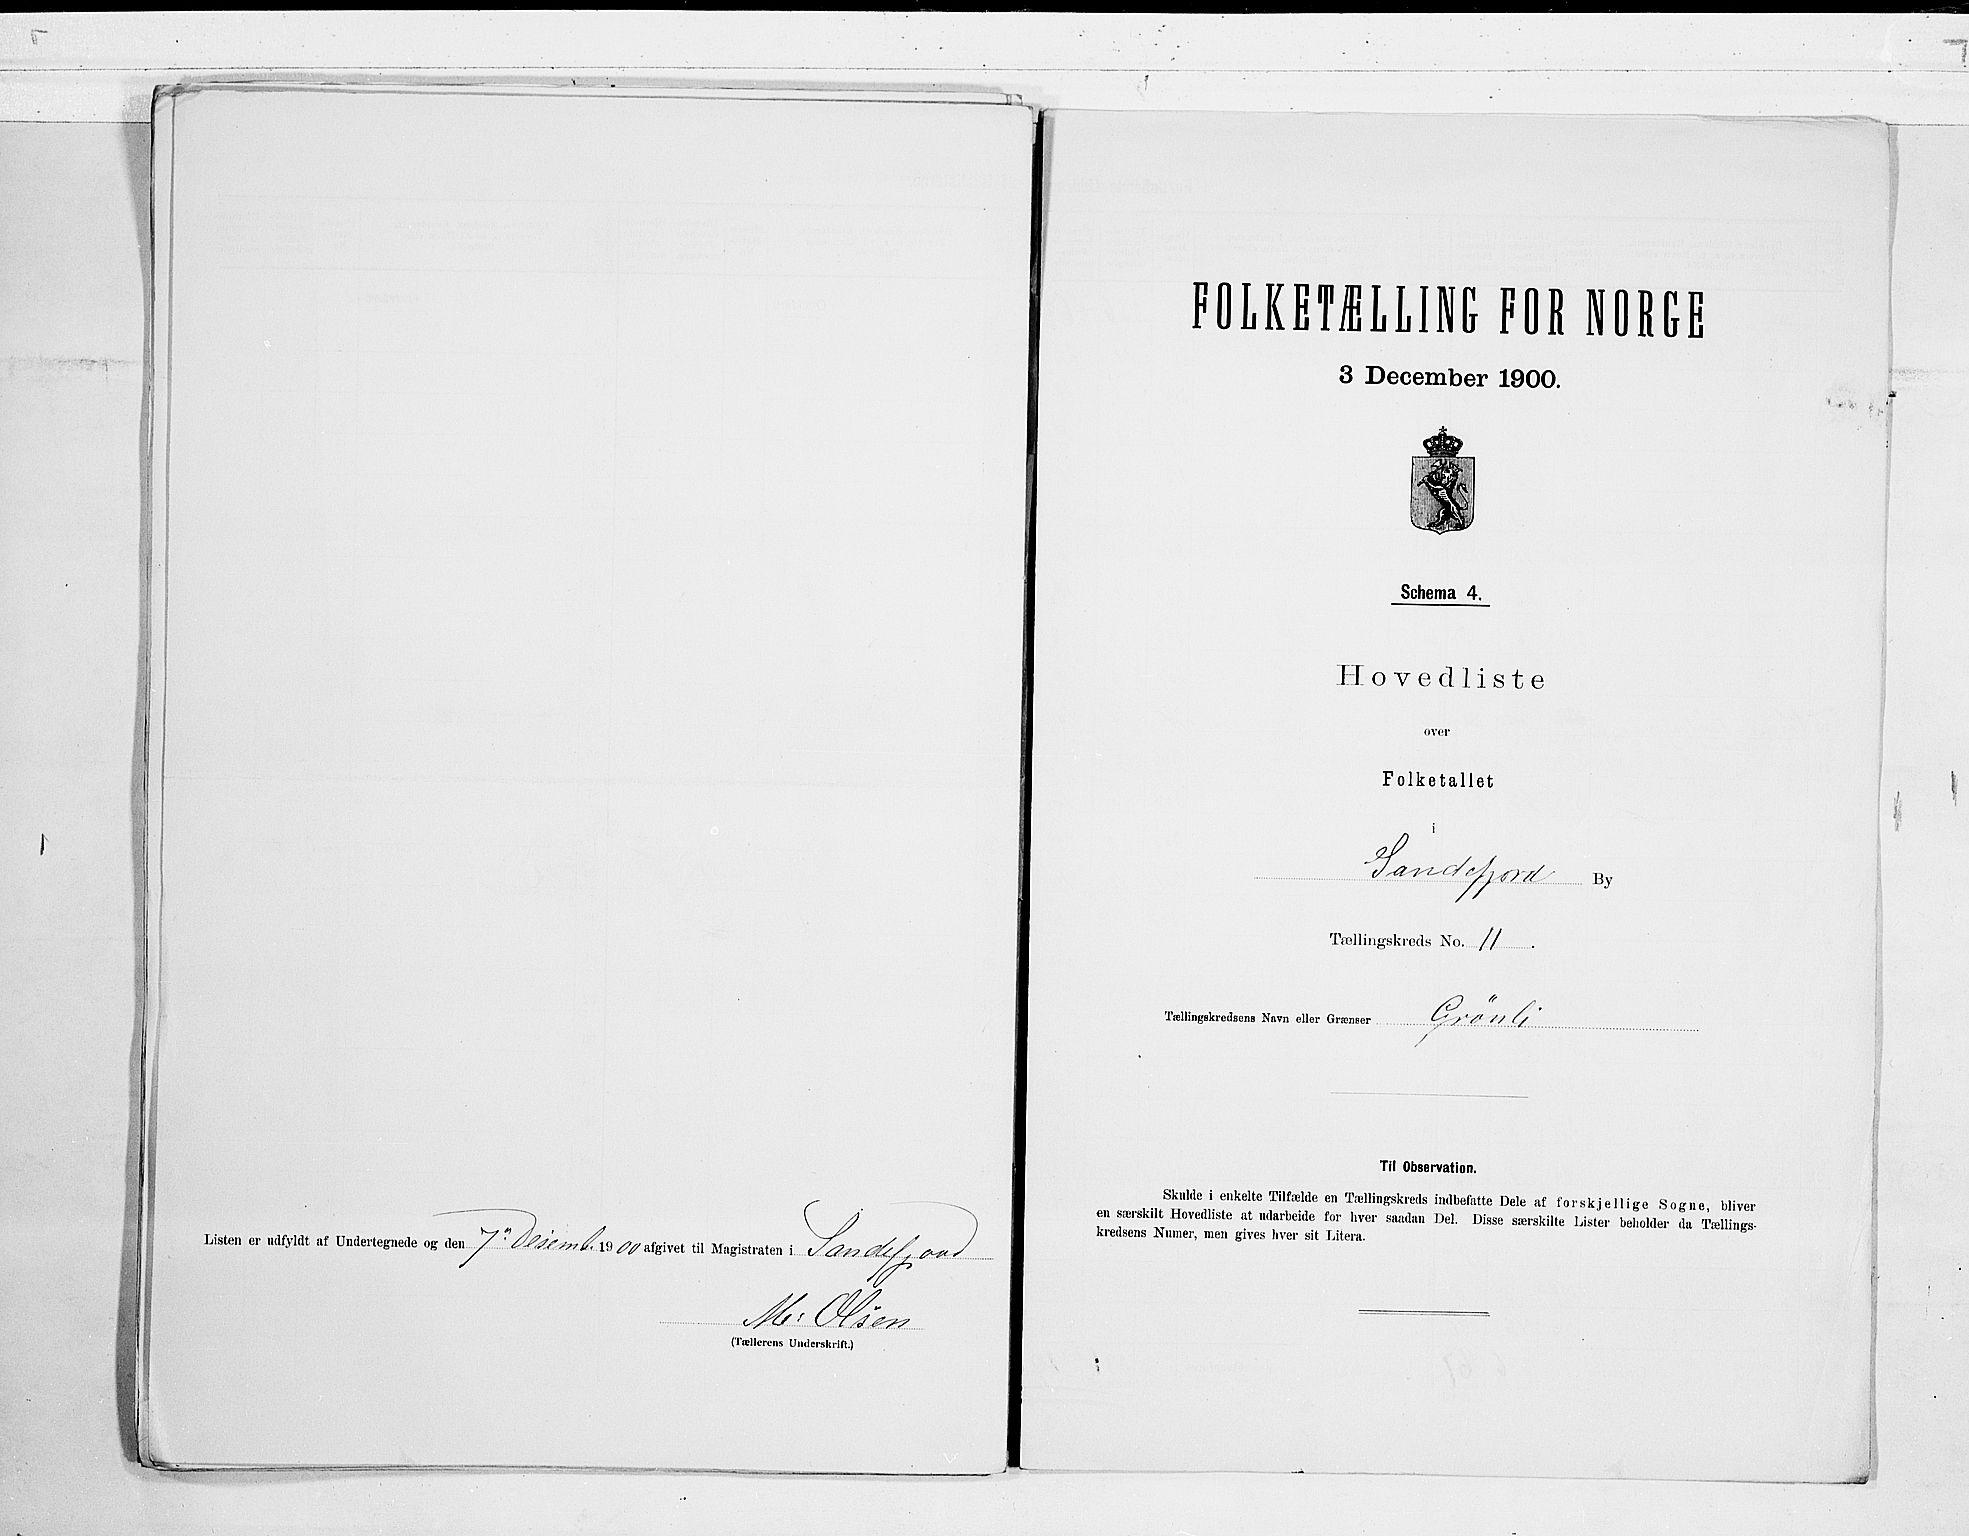 RA, Folketelling 1900 for 0706 Sandefjord kjøpstad, 1900, s. 24